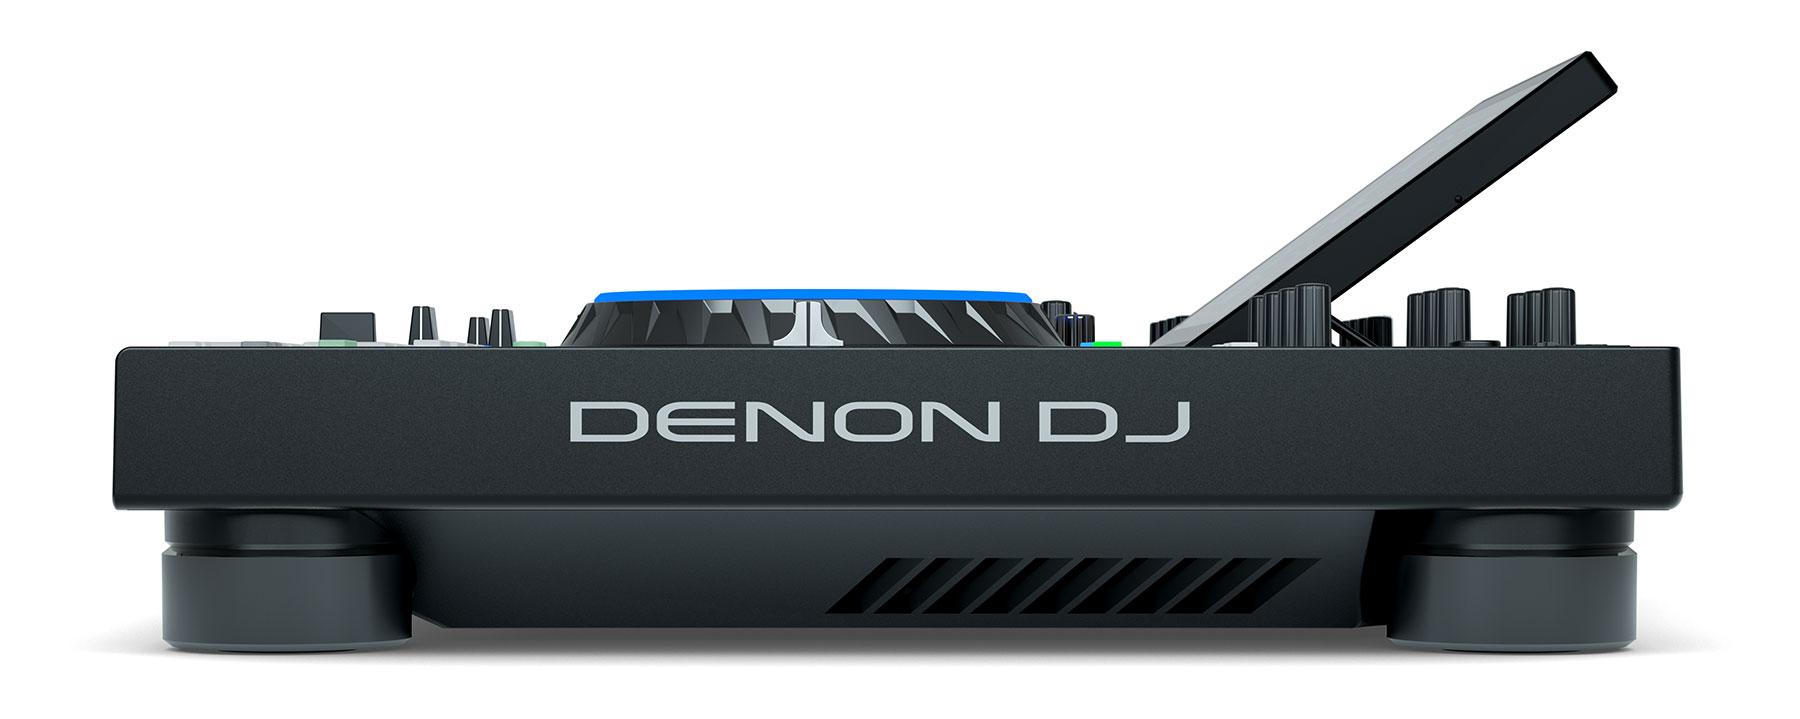 Thiết bị DJ hiện đại nhất thế giới Denon DJ Prime 4